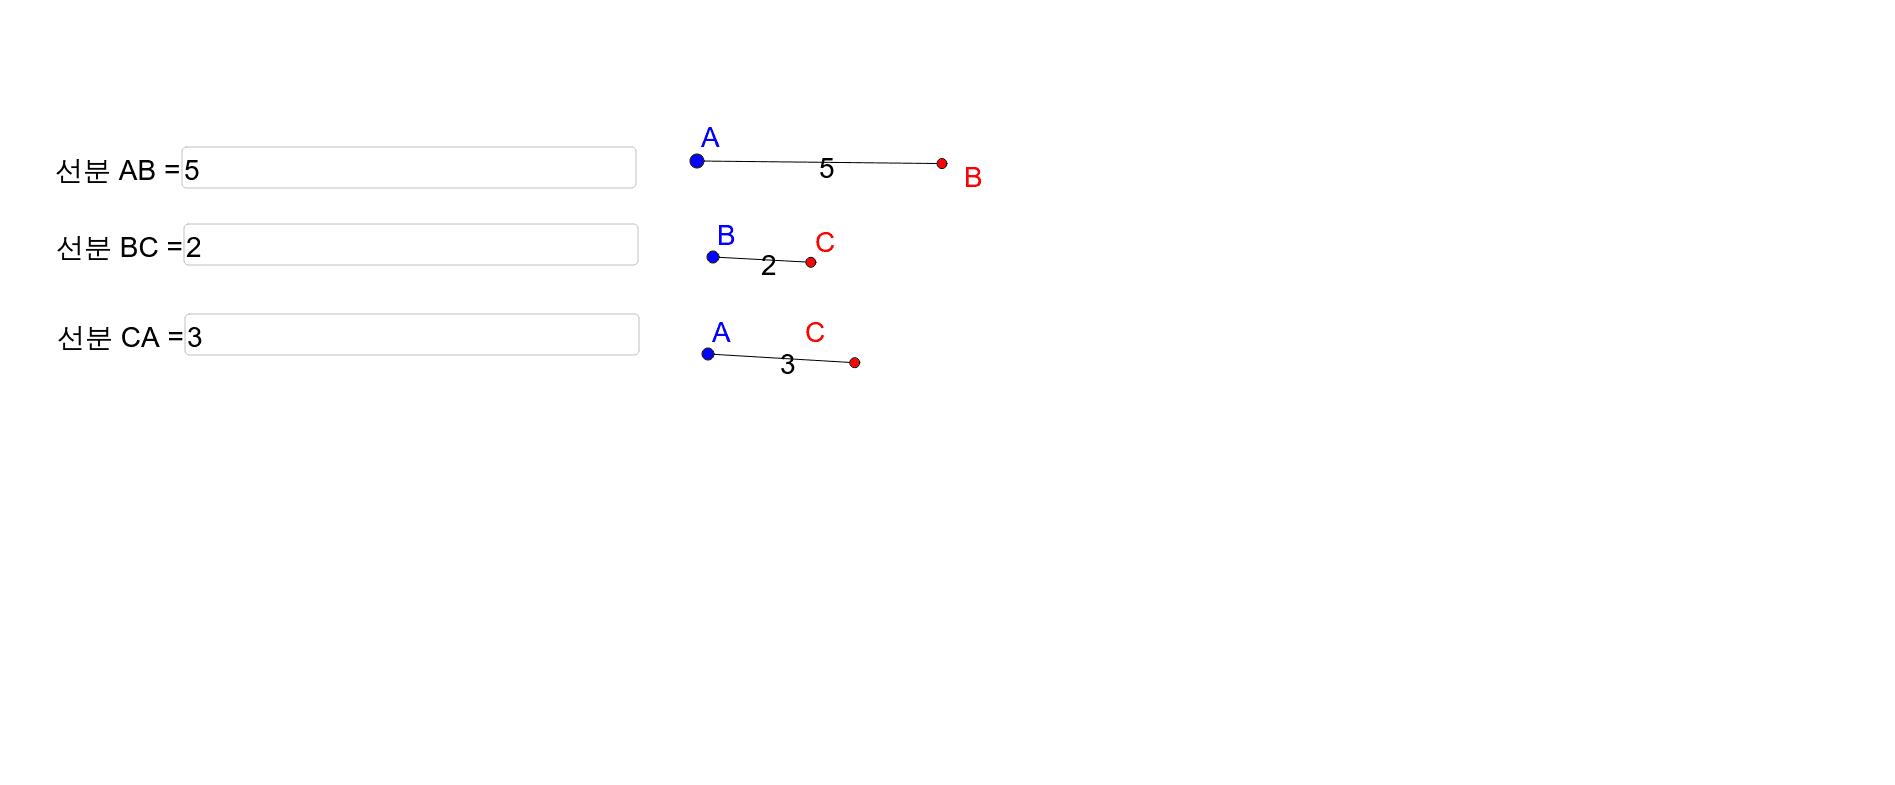 숫자 입력: 값 변경 |  파란 점: 도형 이동  |  빨간 점: 도형 회전 활동을 시작하기 위해서 엔터키를 누르시오.